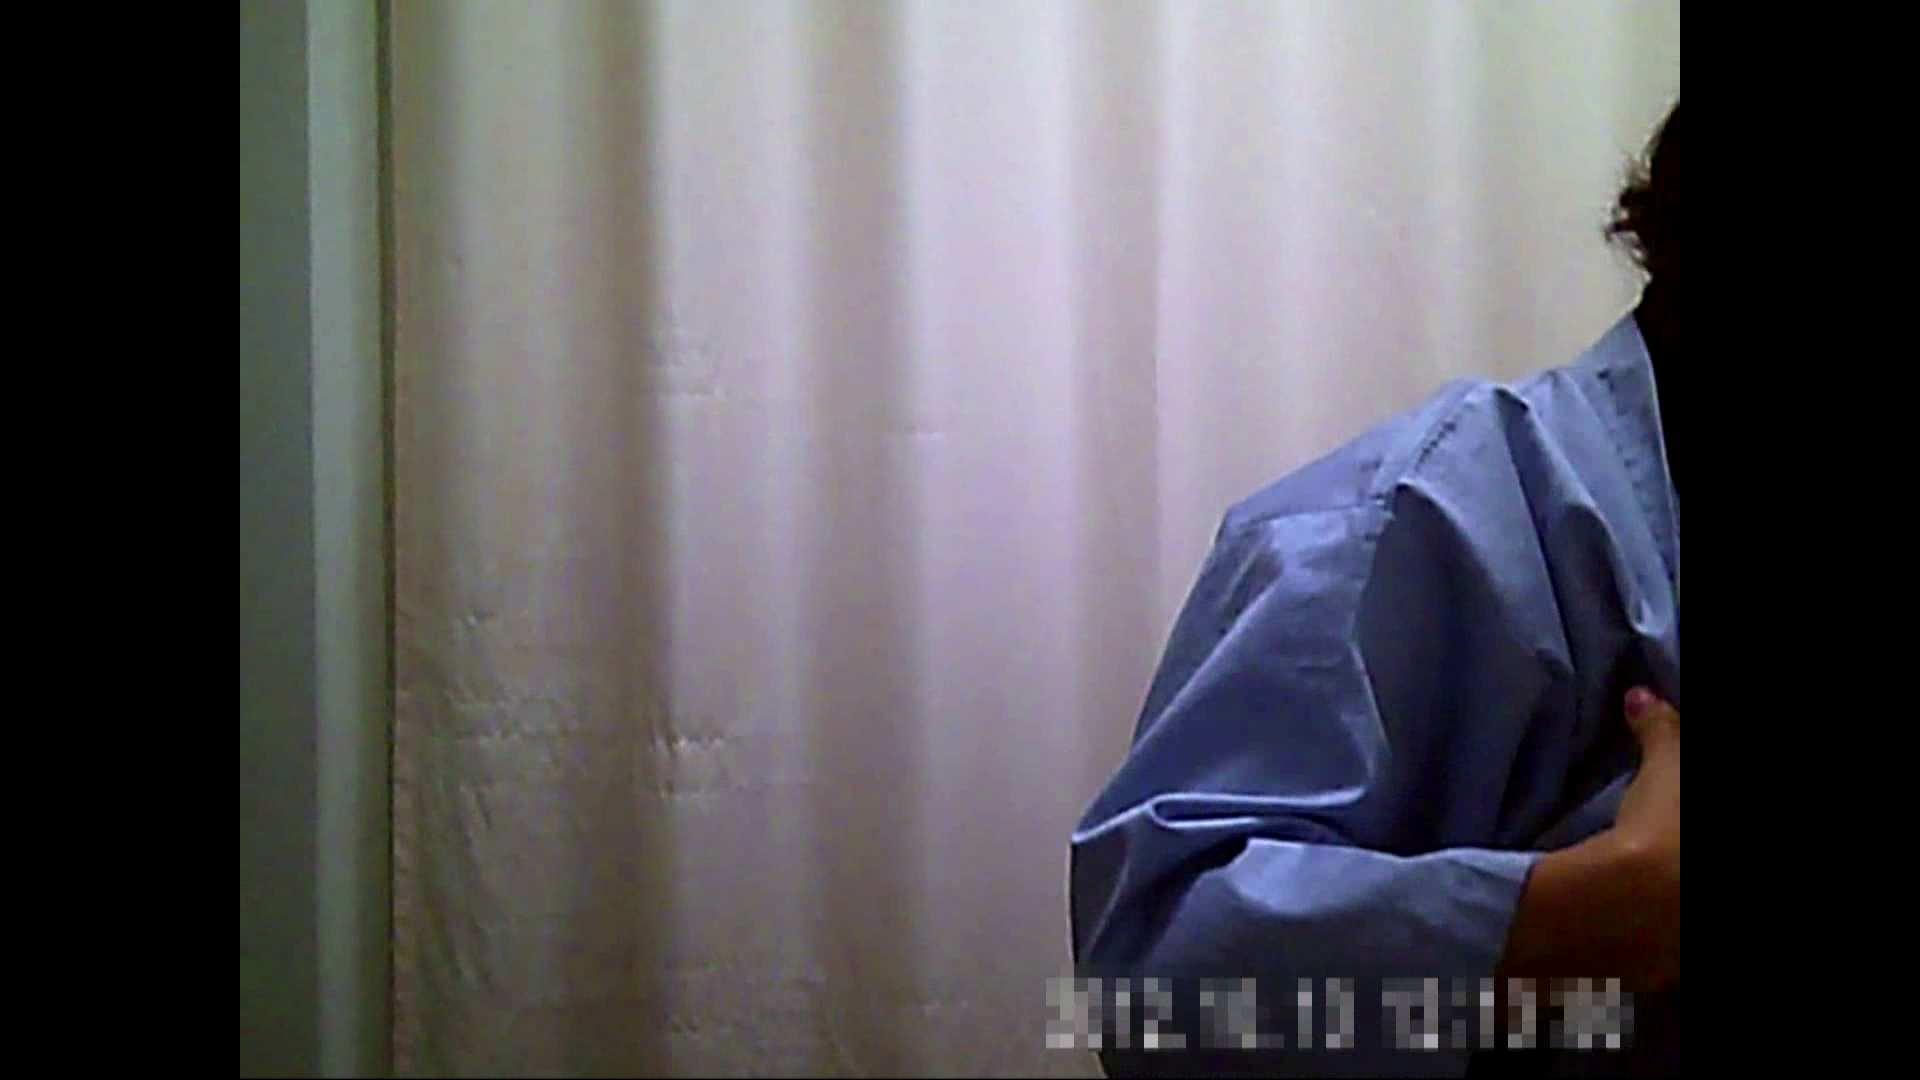 元医者による反抗 更衣室地獄絵巻 vol.059 お姉さんのSEX オマンコ無修正動画無料 103枚 59